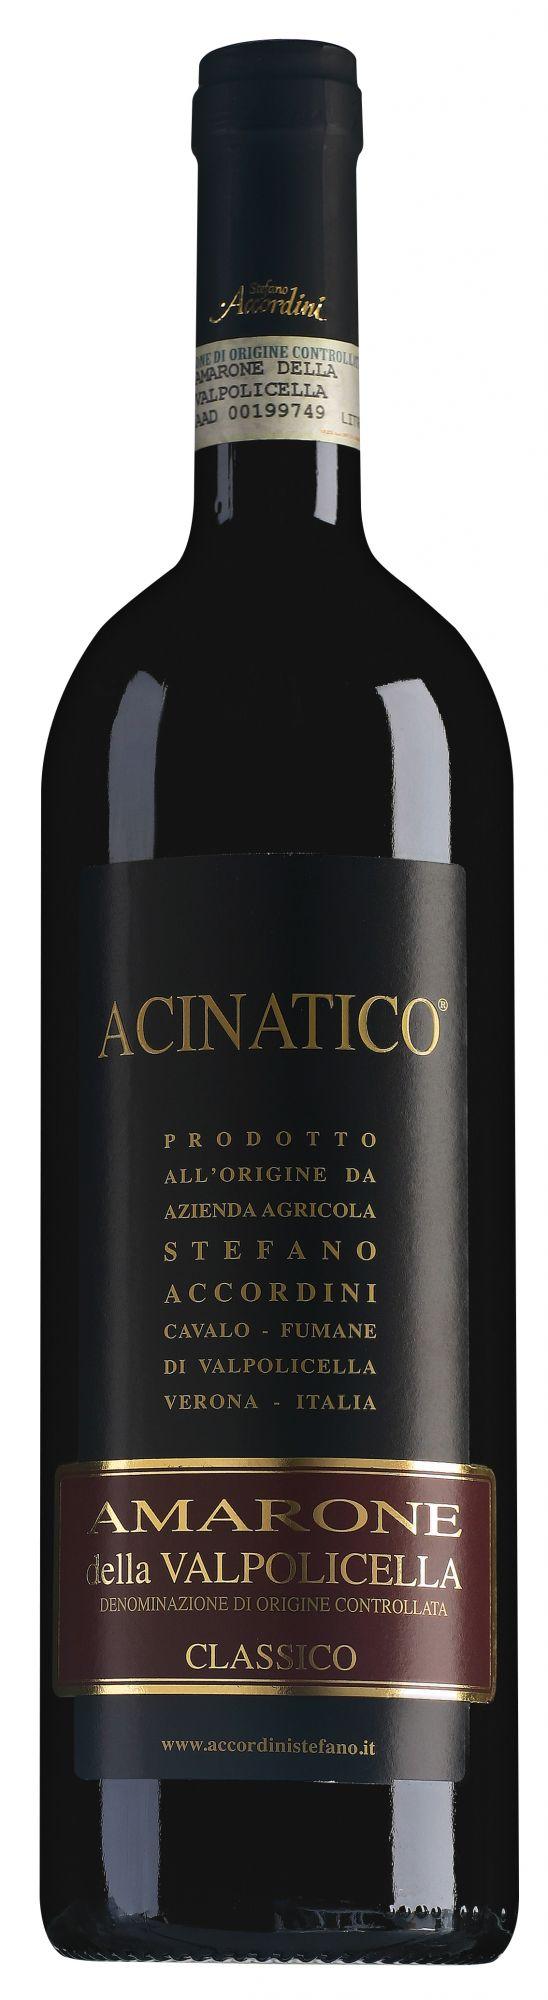 Stefano Accordini Amarone della Valpolicella Classico halve fles